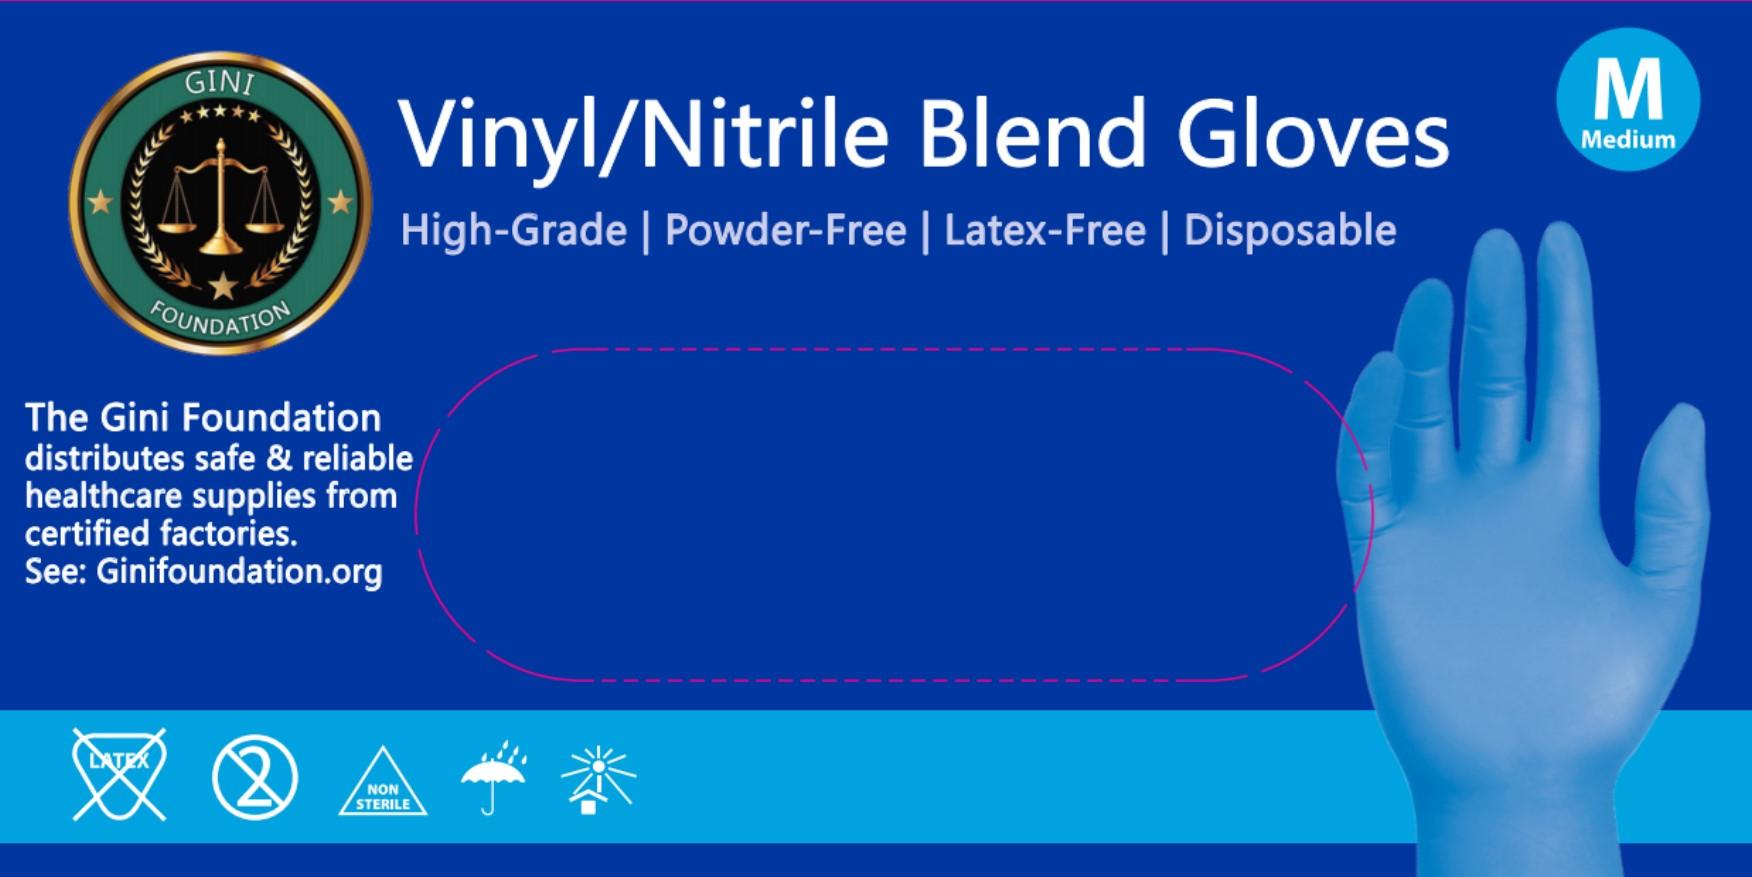 gini-nitrile-gloves-blend